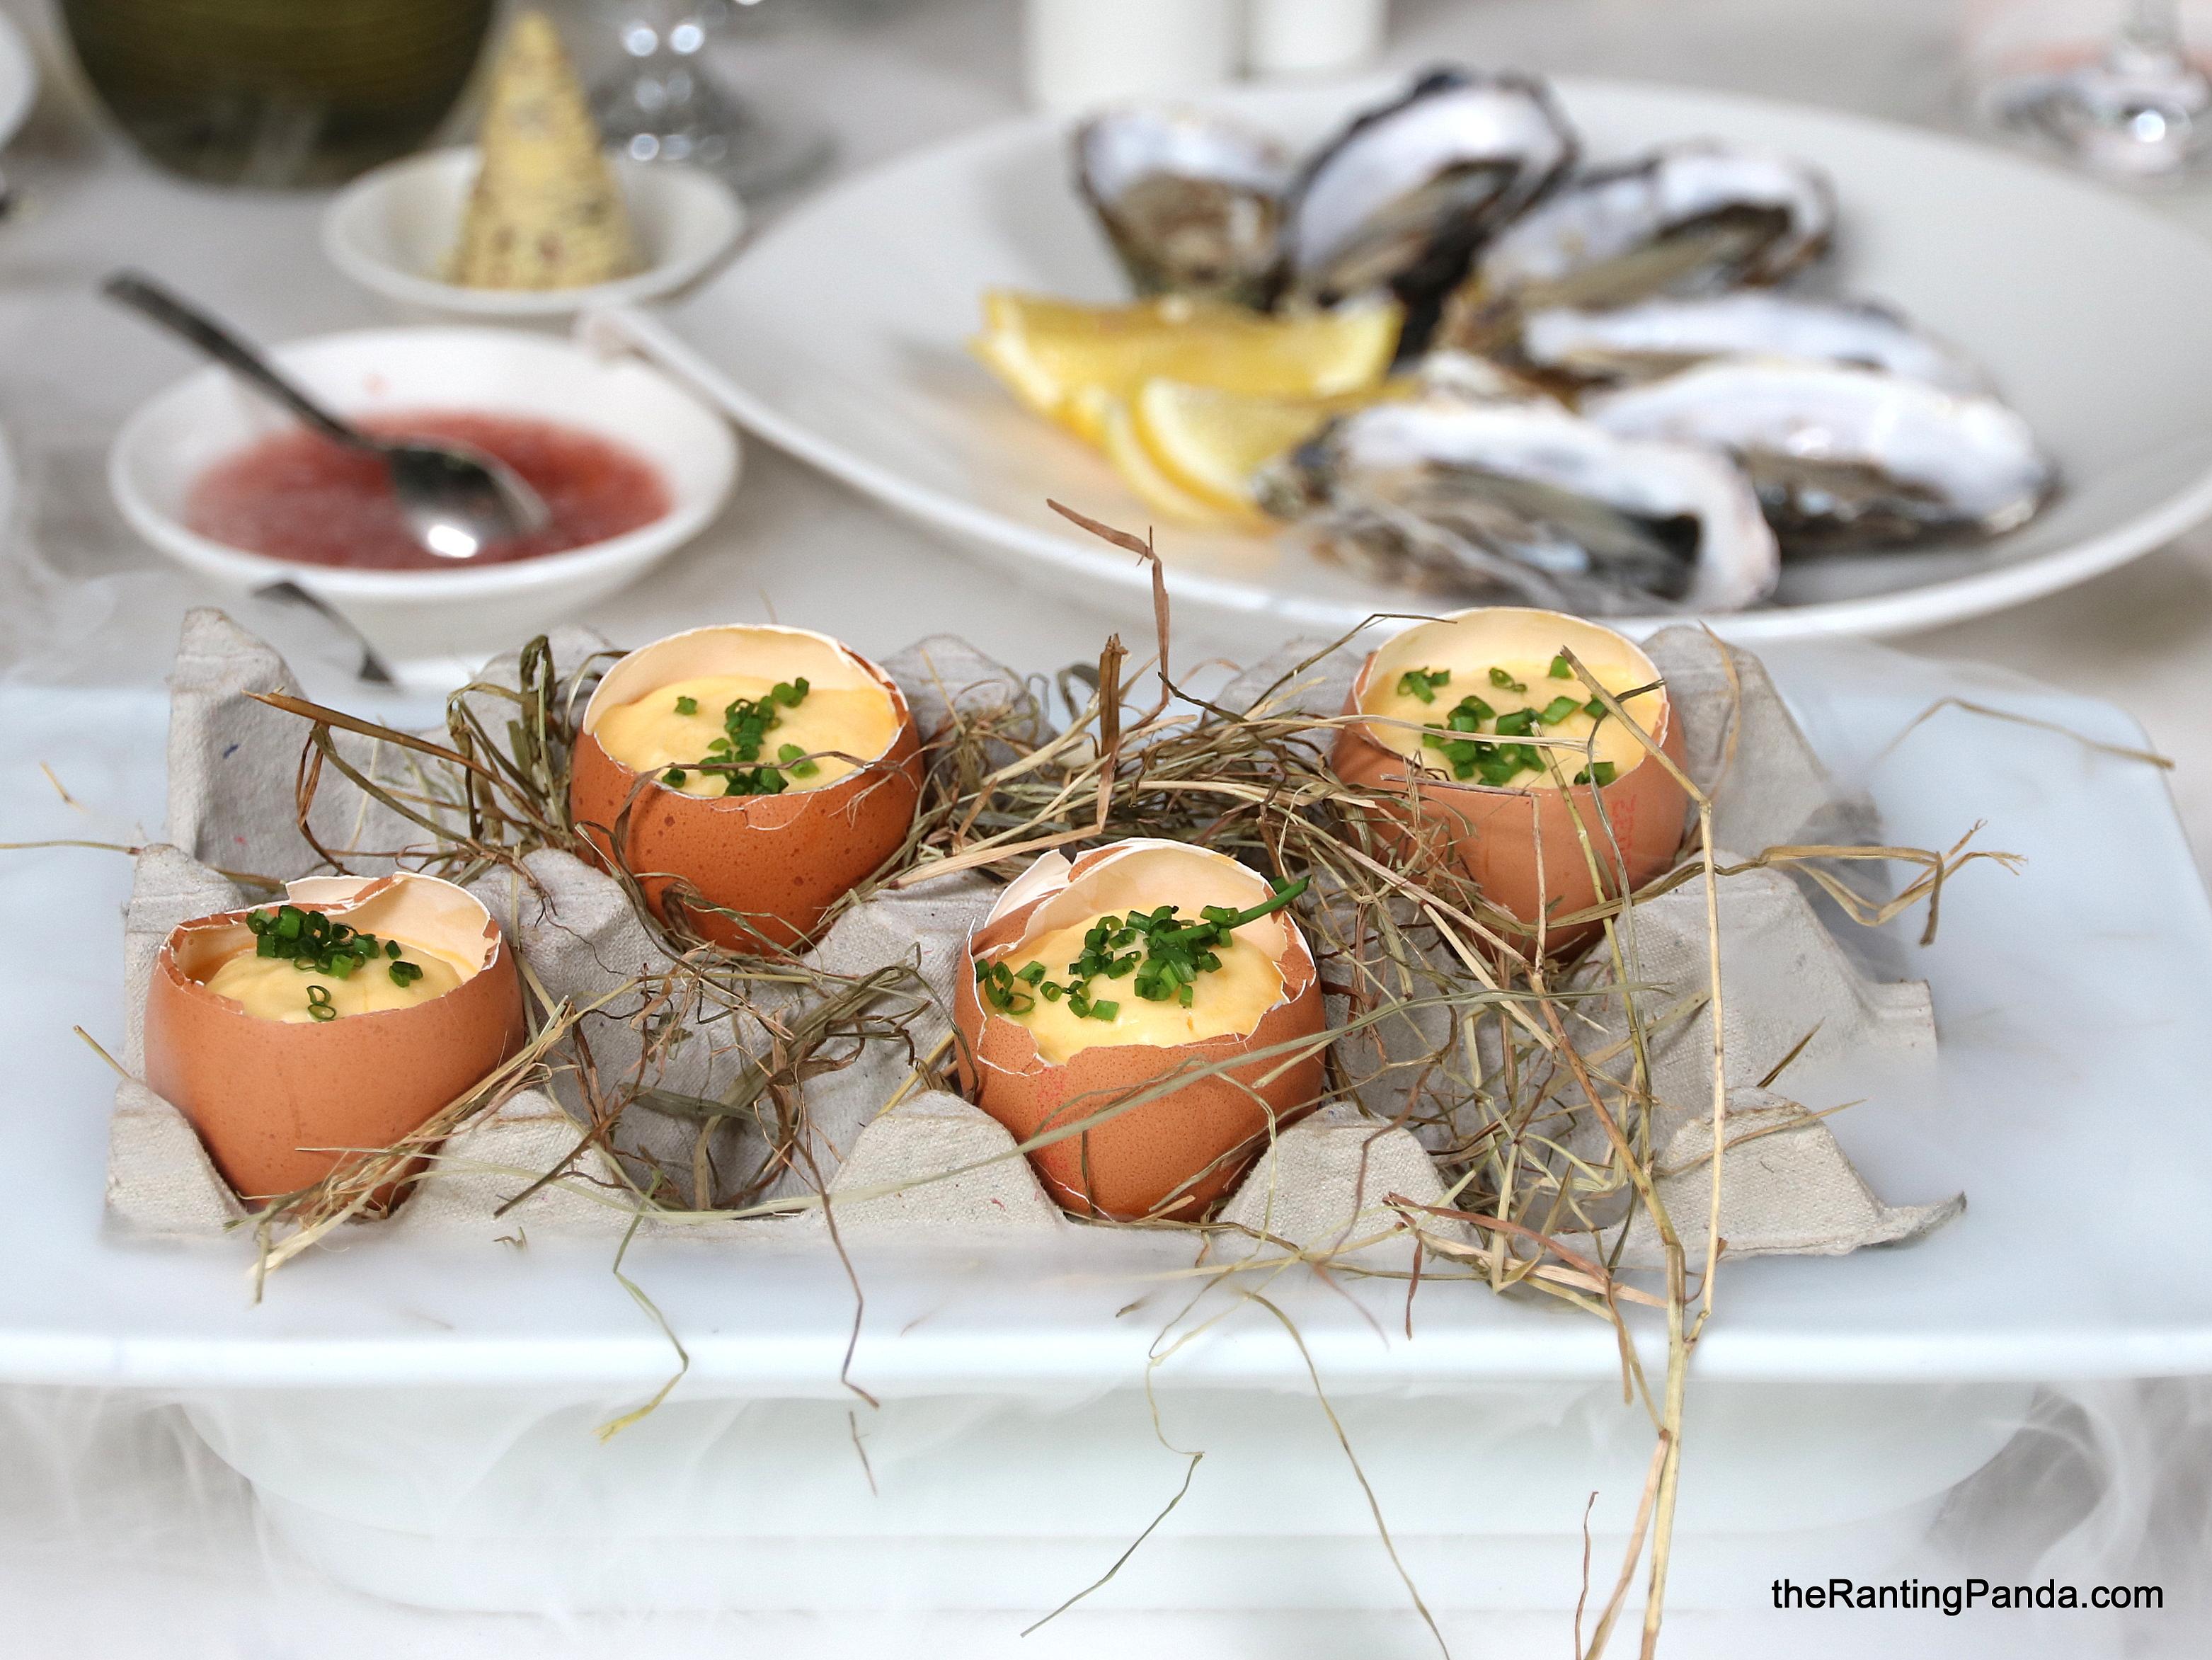 Food Review: The Garden Restaurant at Sofitel Singapore Sentosa Resort & Spa | Enjoy an Organic Brunch Buffet in a Garden Setting